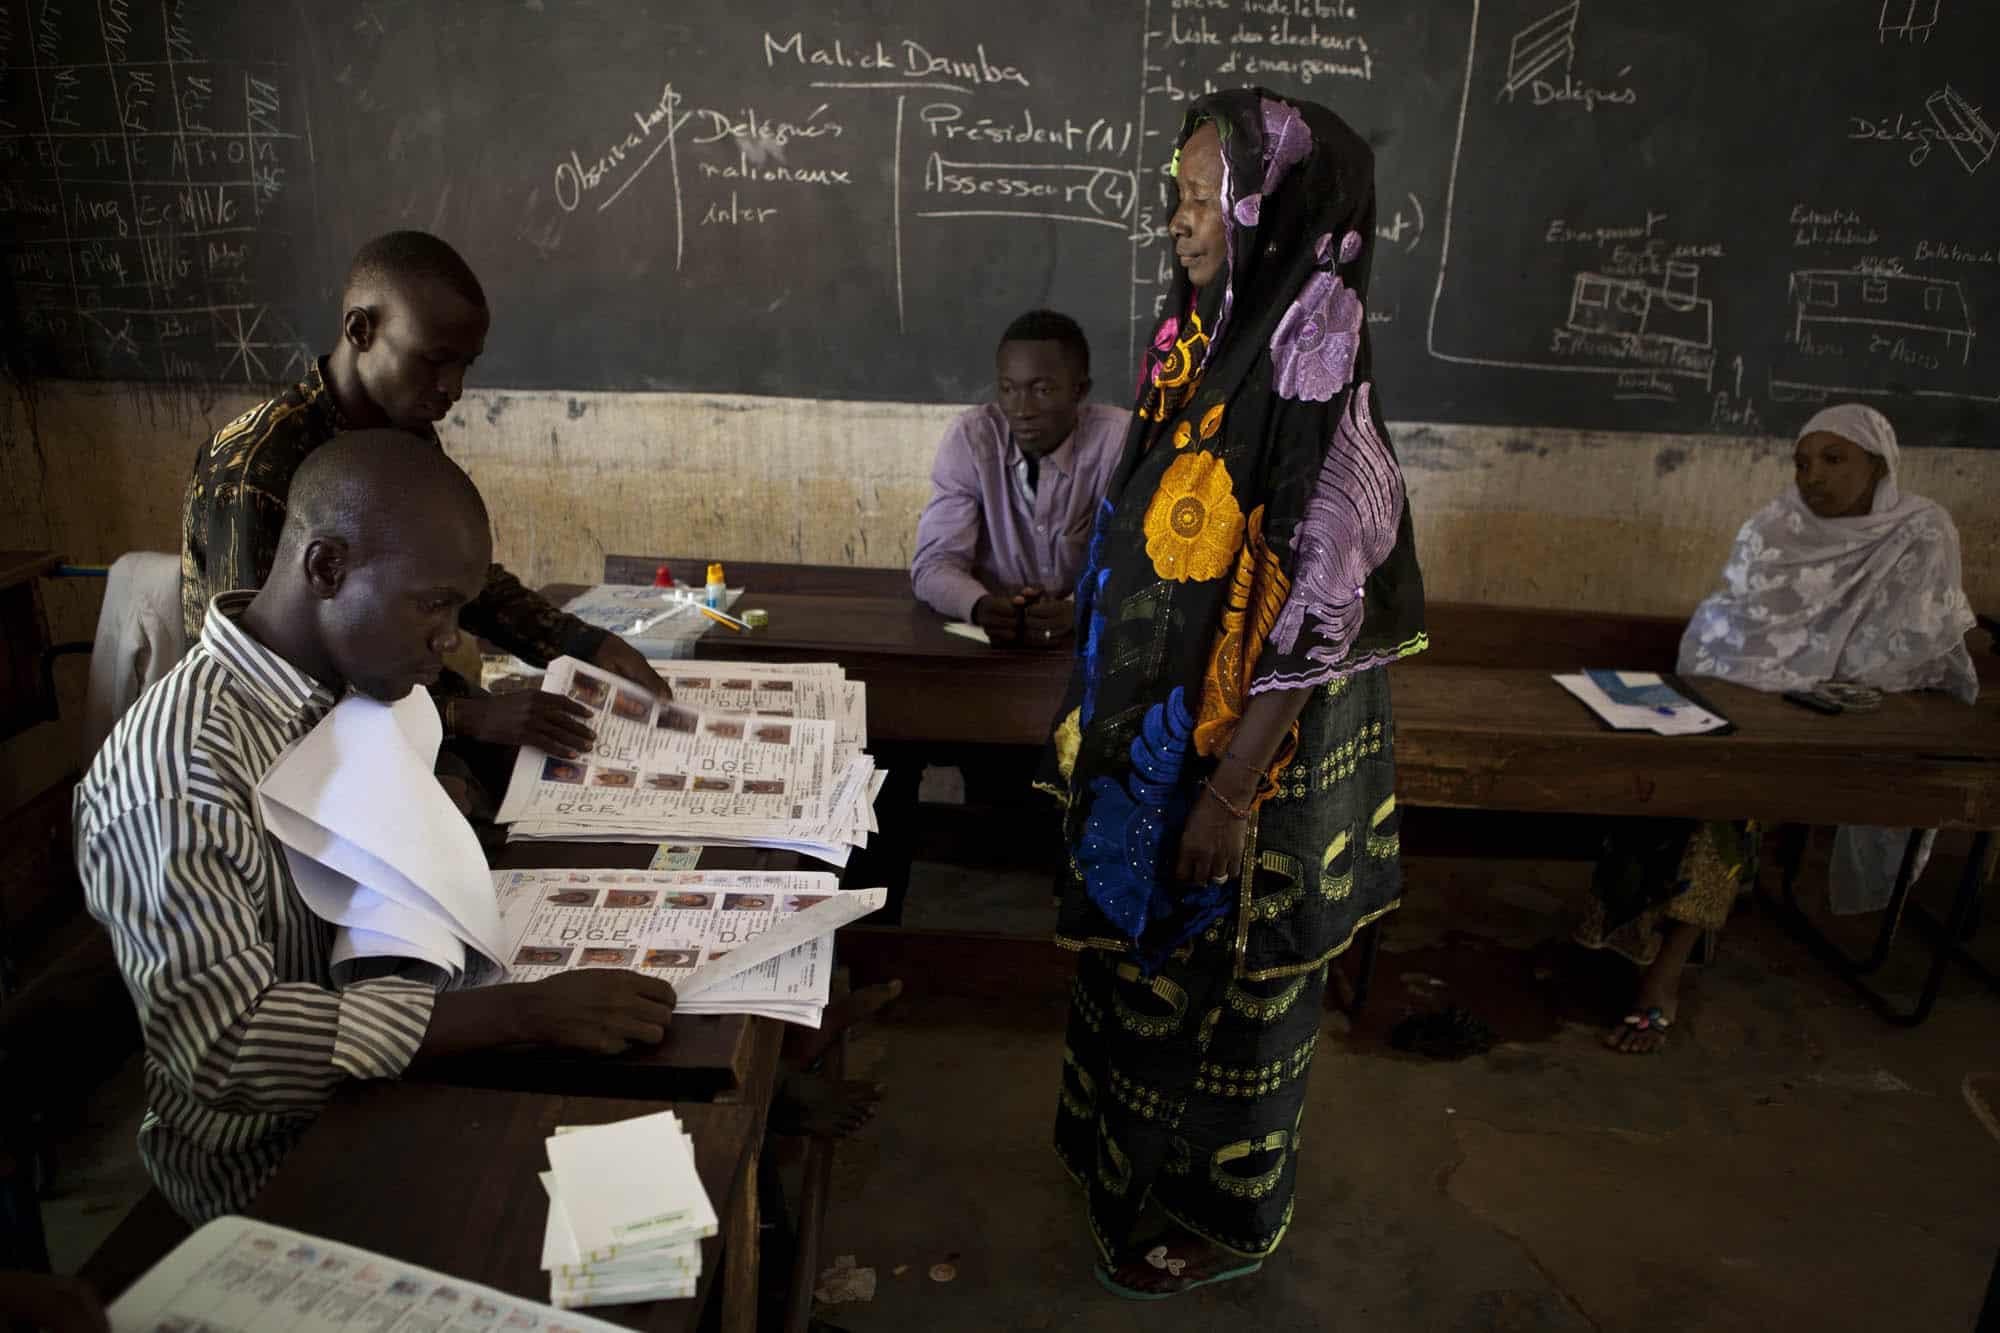 Alors que quelque 6.5 millions d'électeurs étaient appelés aux urnes, les élections législatives n'auront finalement que très peu mobilisé, alors que la participation avait atteint 50% cet été pour les présidentielles. Des incidents au Nord du Mali Alors que les élections se sont globalement déroulées dans le calme, des incidents ont cependant été constatés dans […]